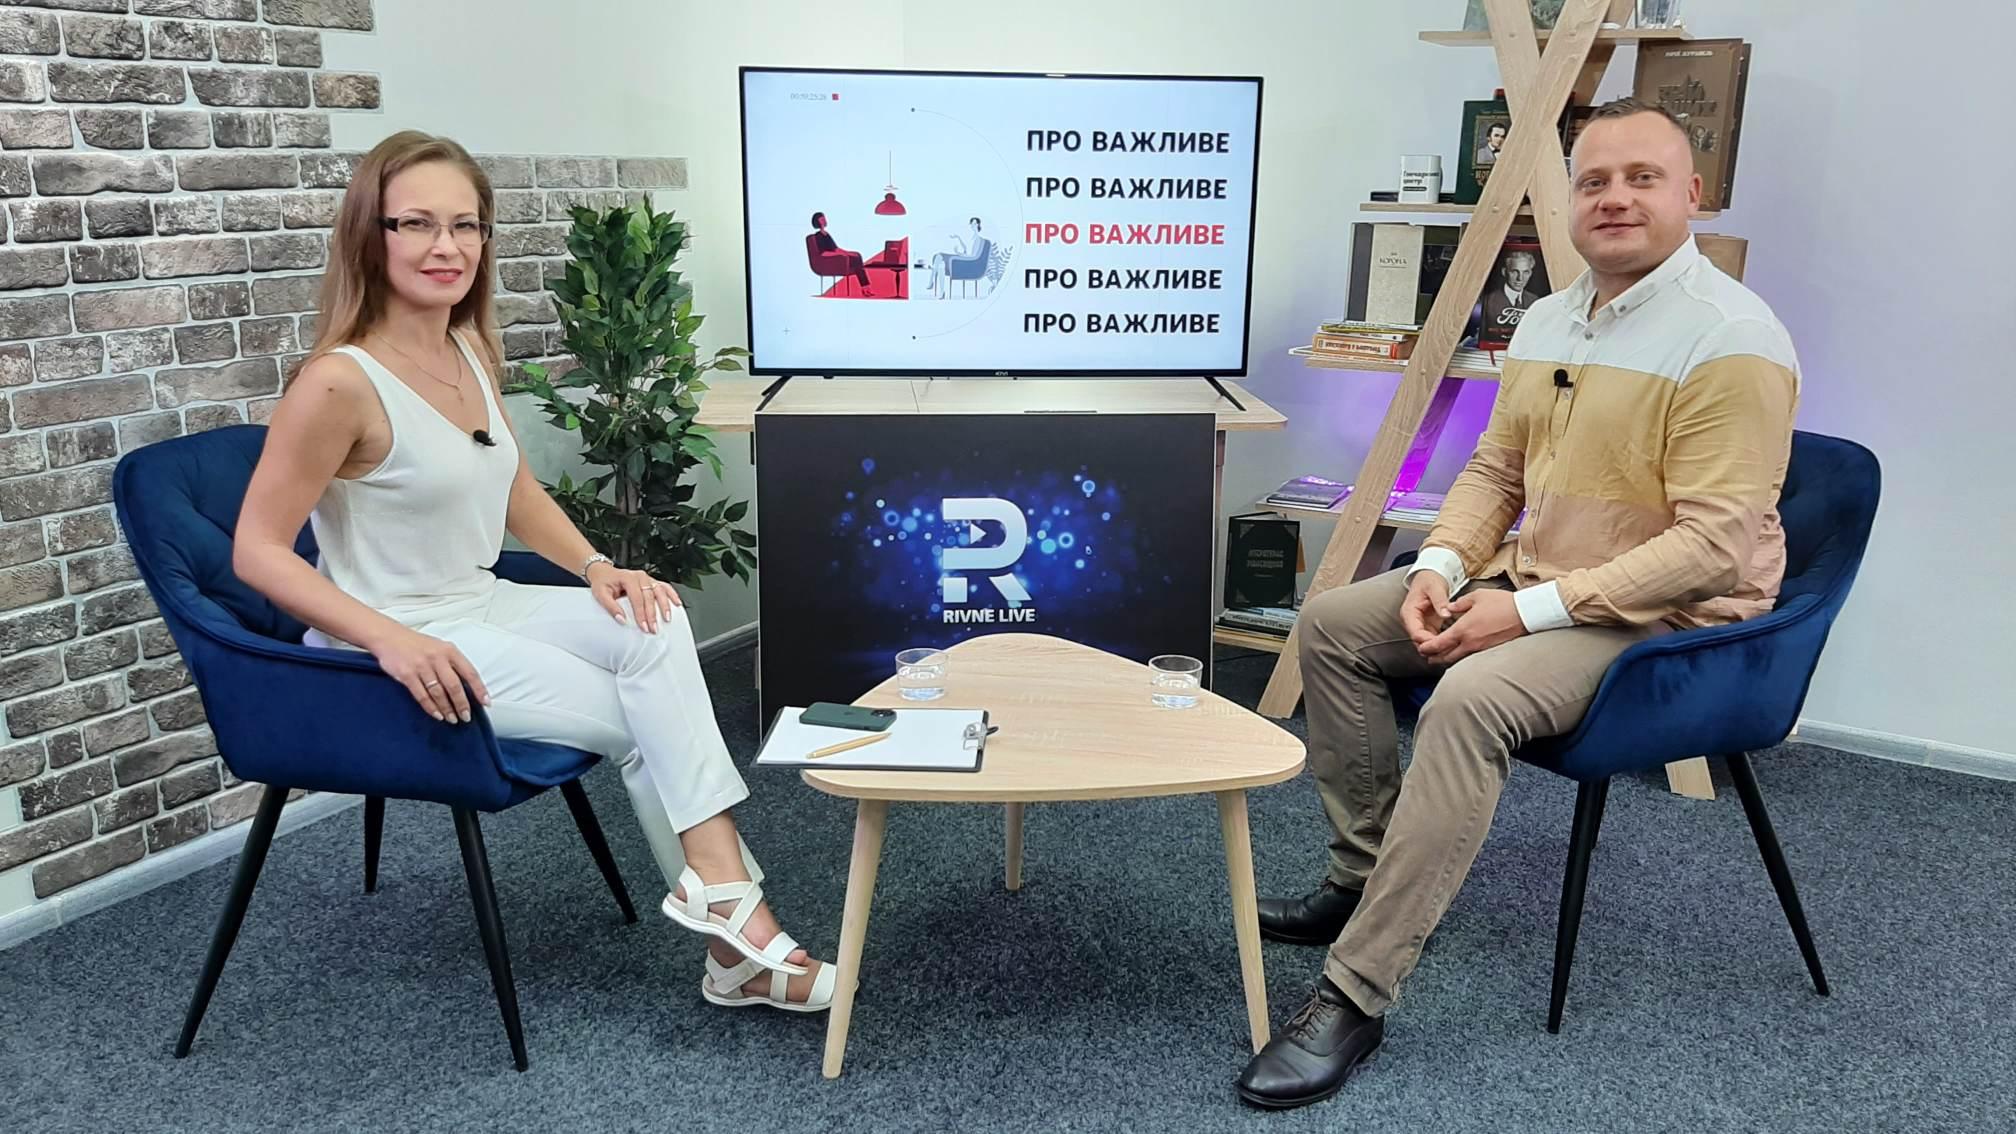 Керівник КП «Вараштеплоканал» Юрій Трачук поділився секретами успіху (ВІДЕО)